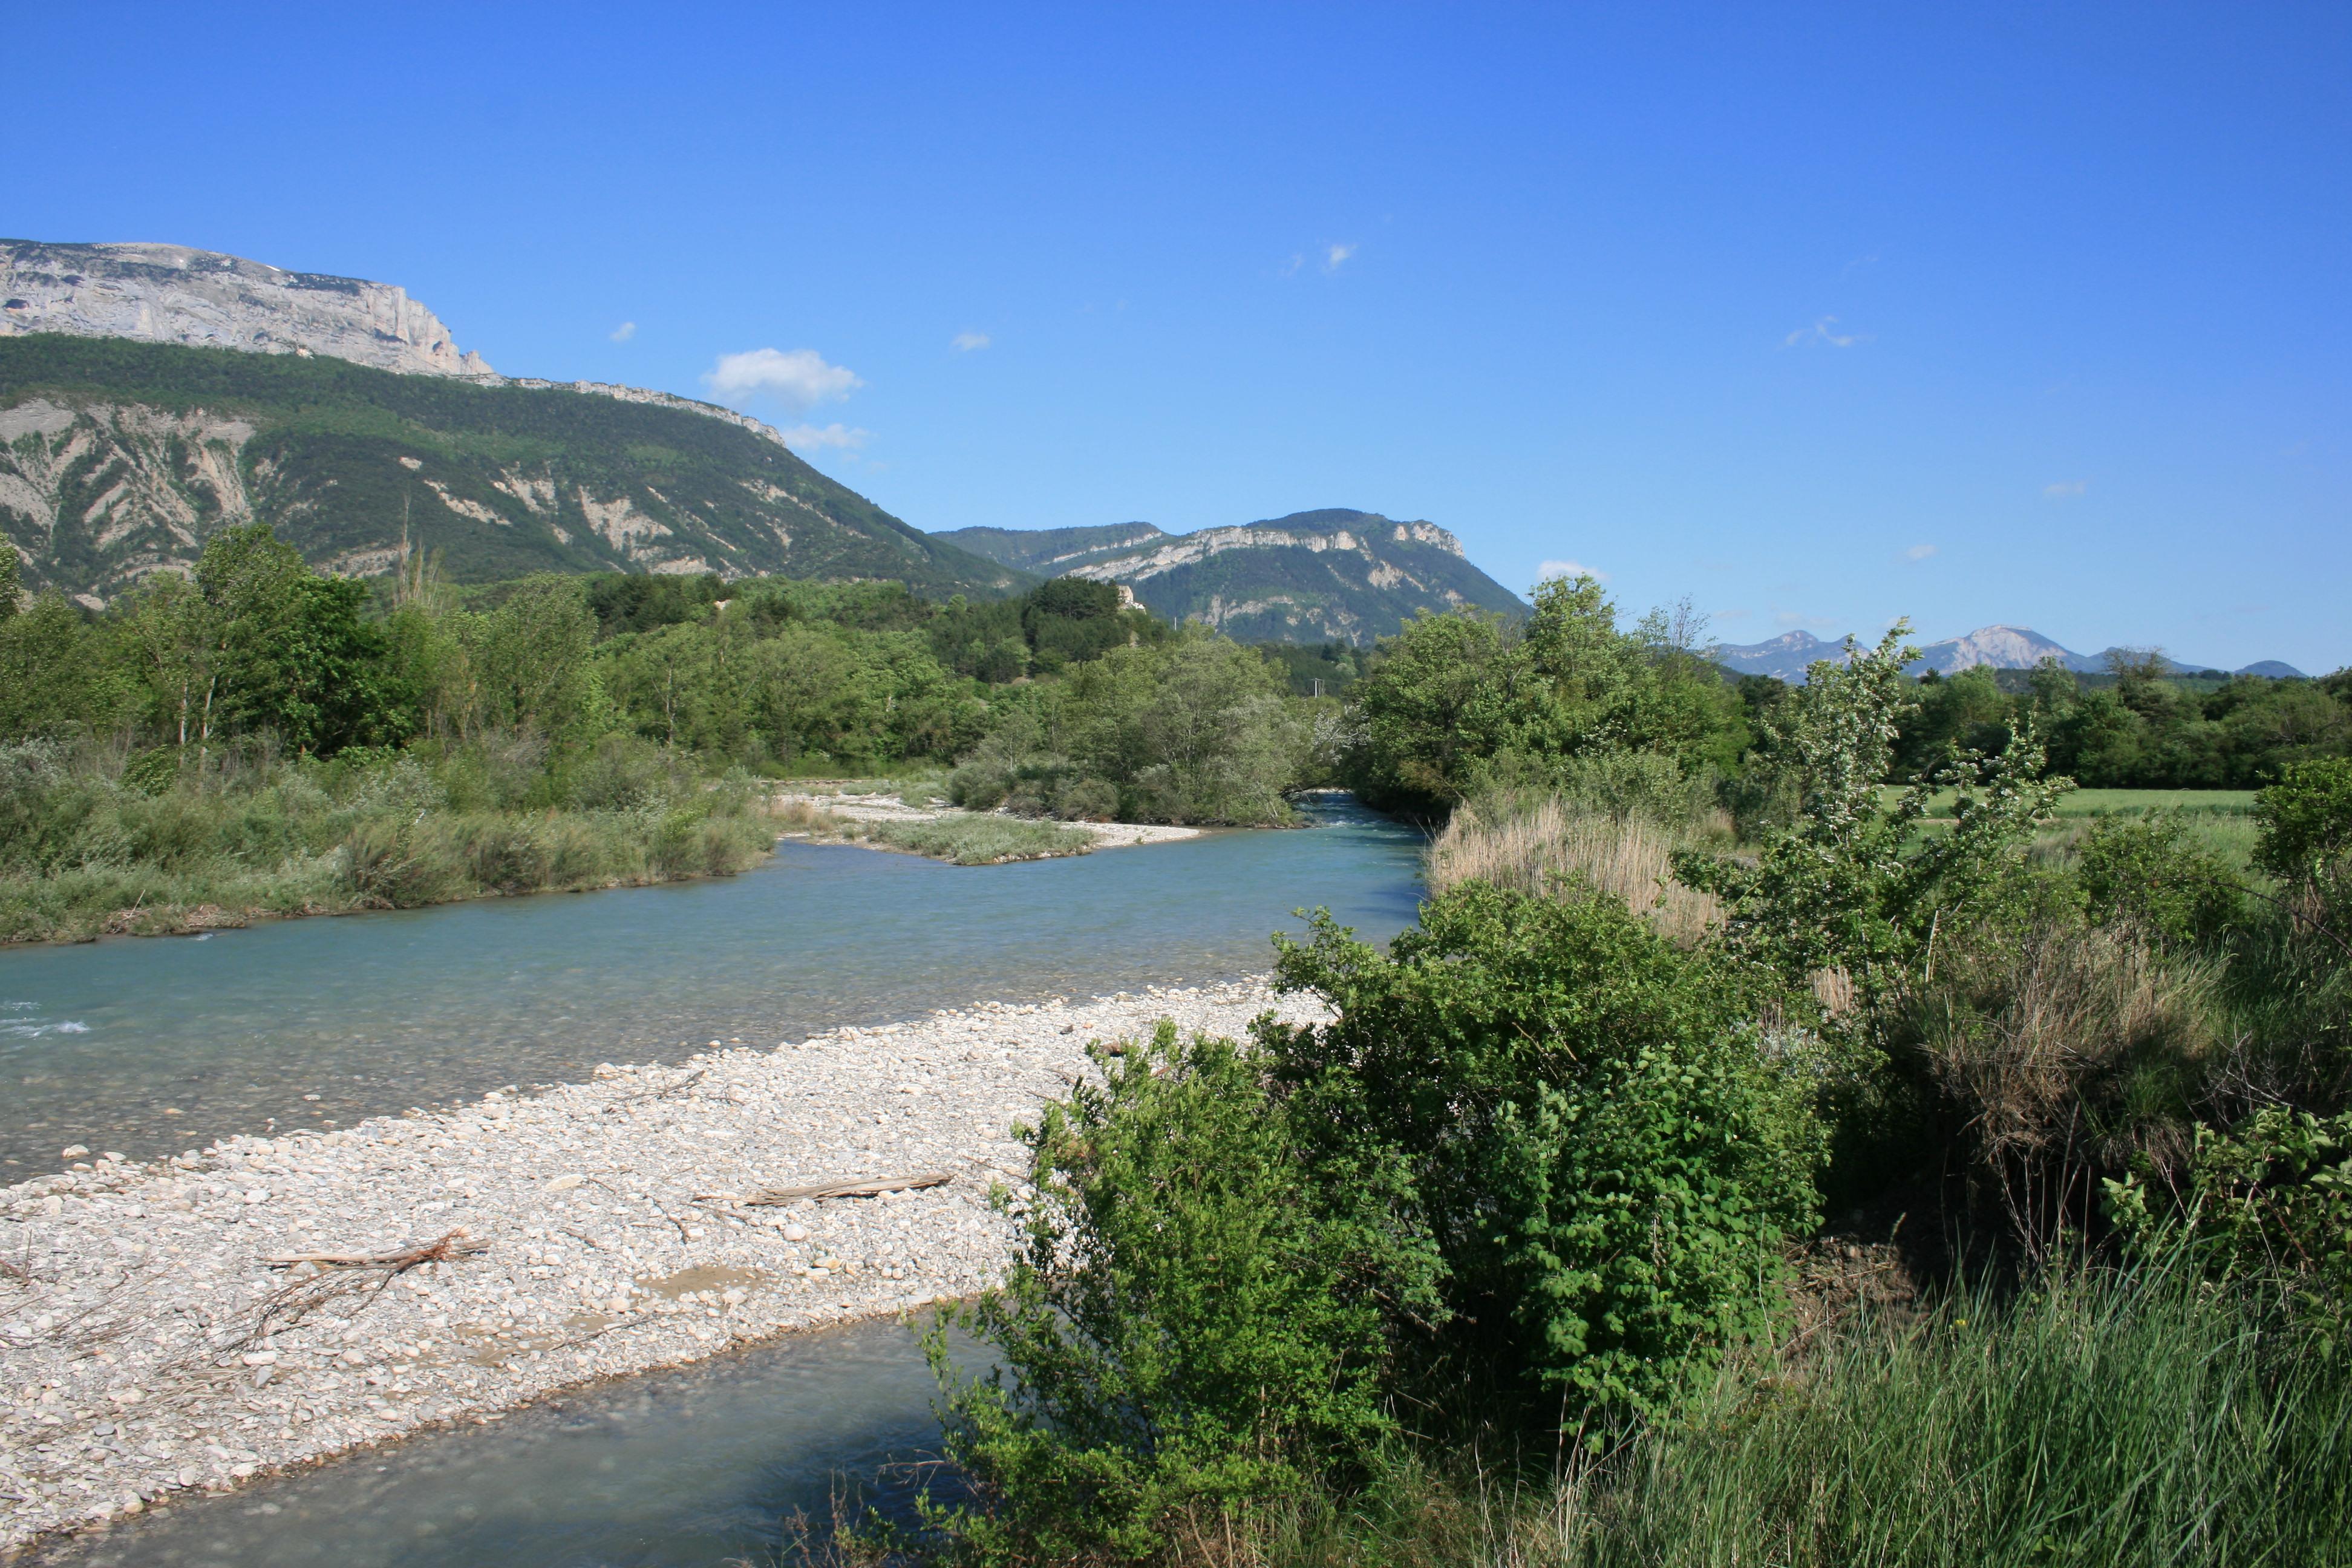 Rivière Drôme, route d'ausson, direction DIE